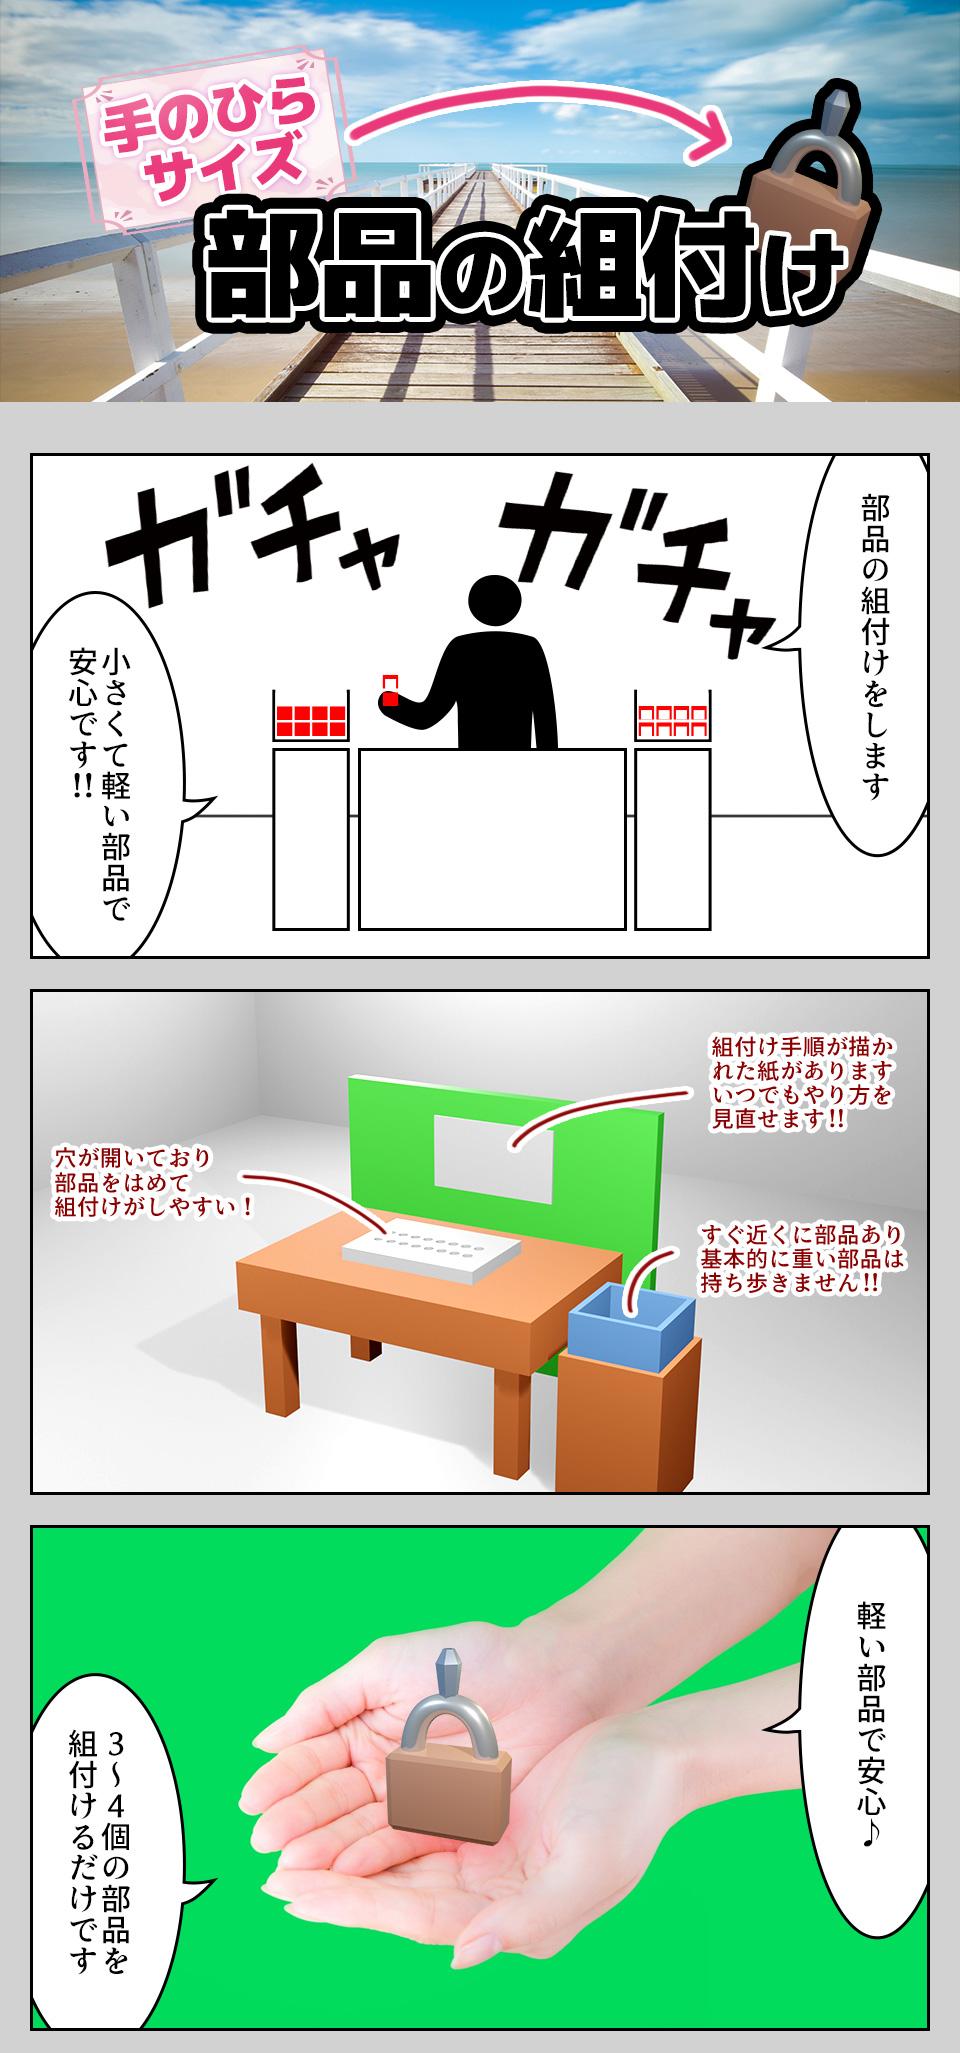 片手サイズの部品の組立 愛知県豊橋市の派遣社員求人